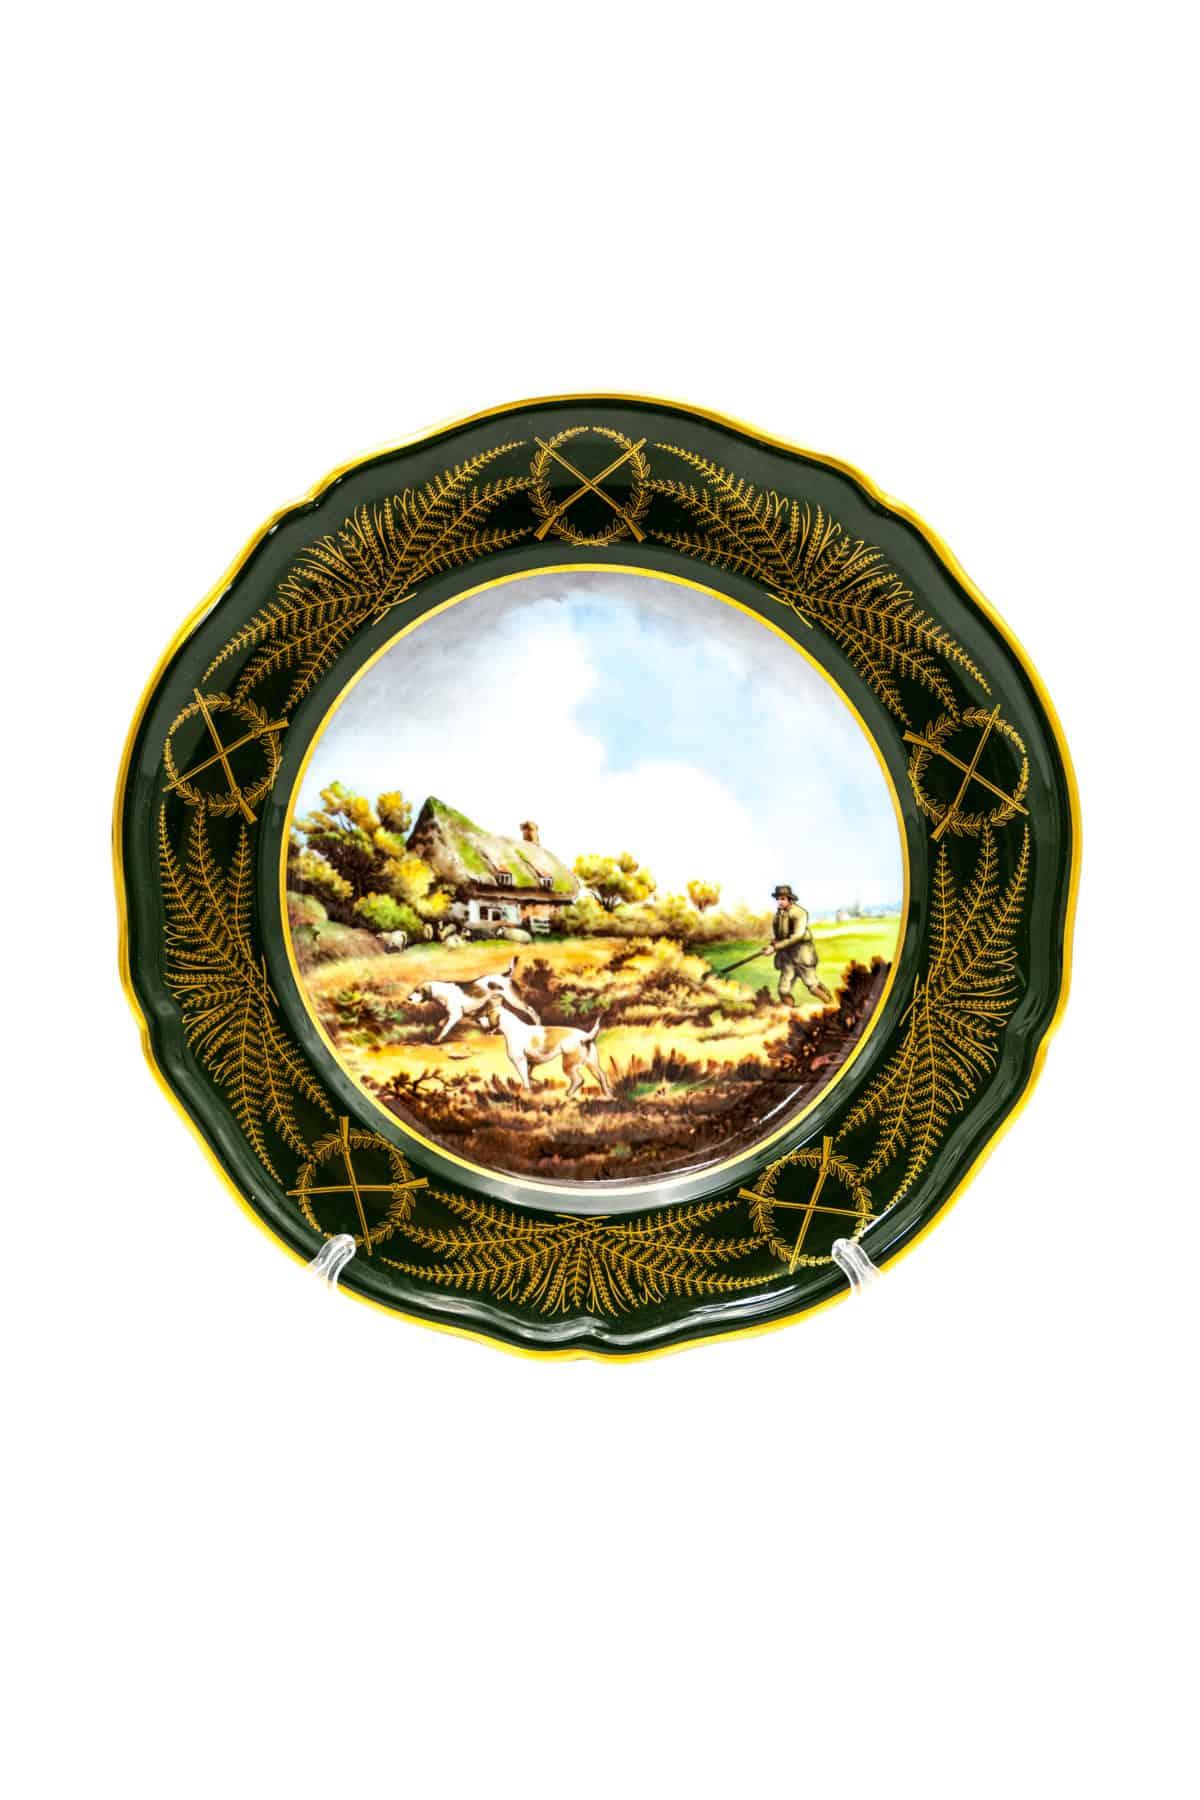 farforovaya tarelka ohotnik s sobakami